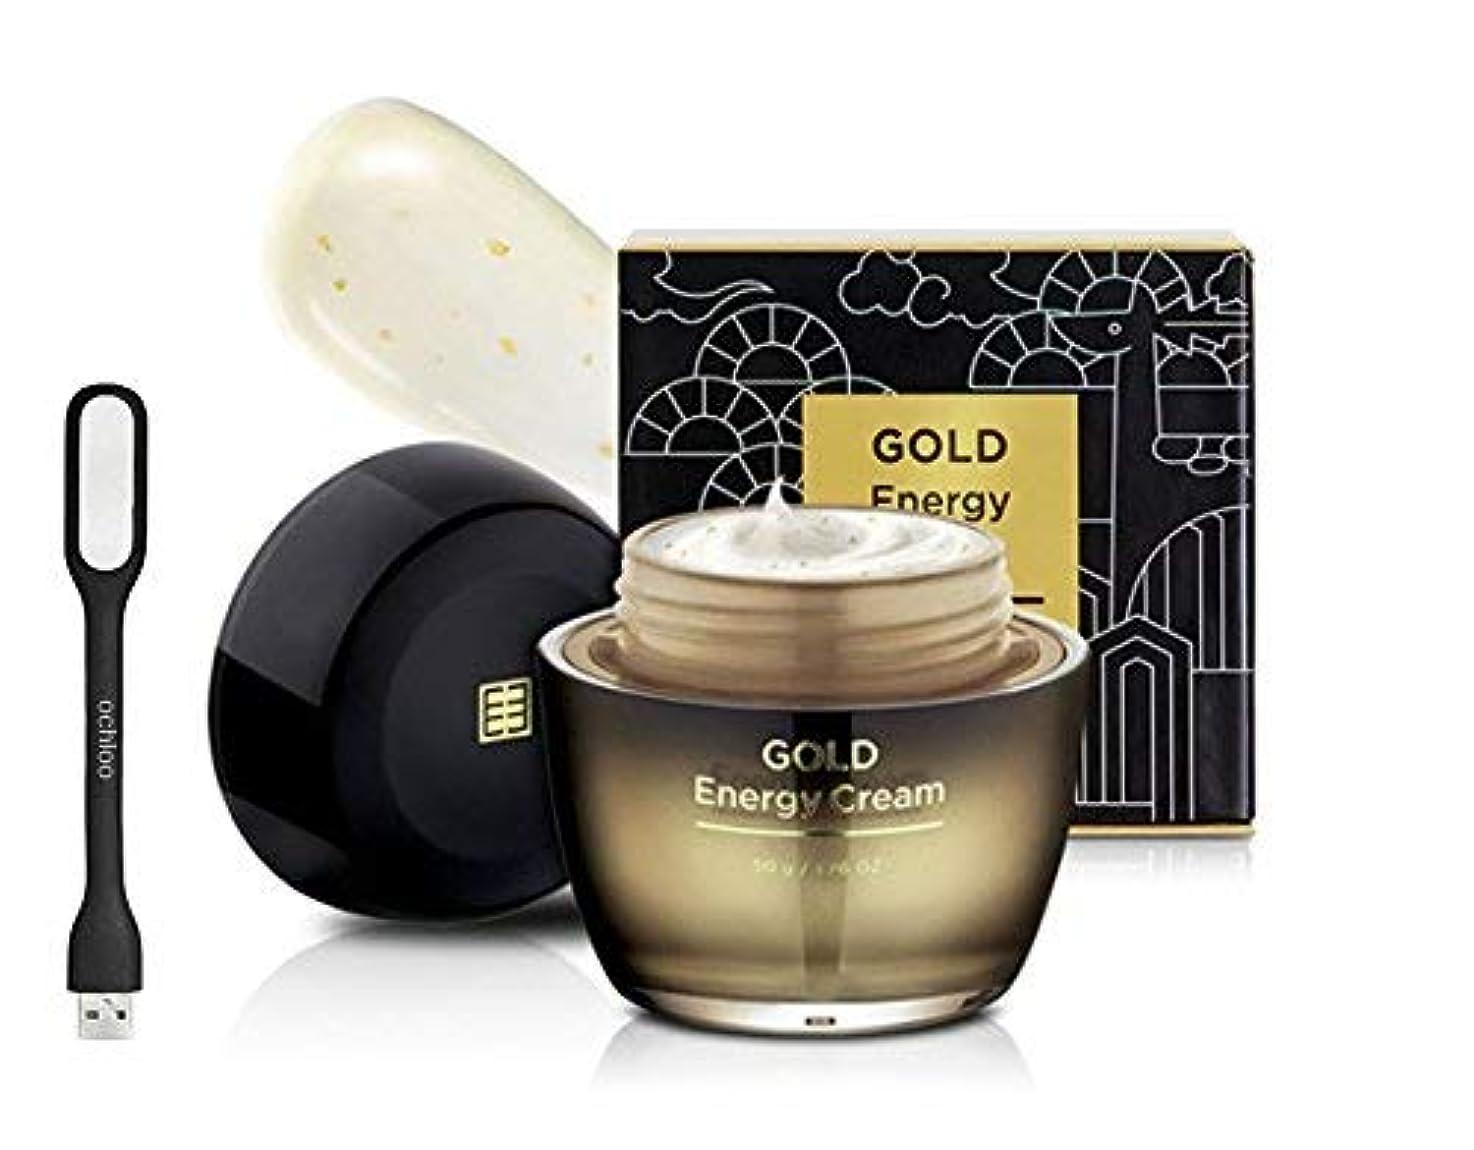 滴下尊厳促すESTHEMED エステメド ゴールド エネルギー クリーム GOLD Energy Cream 50g 【 シワ改善 美肌 保湿 回復 韓国コスメ 】